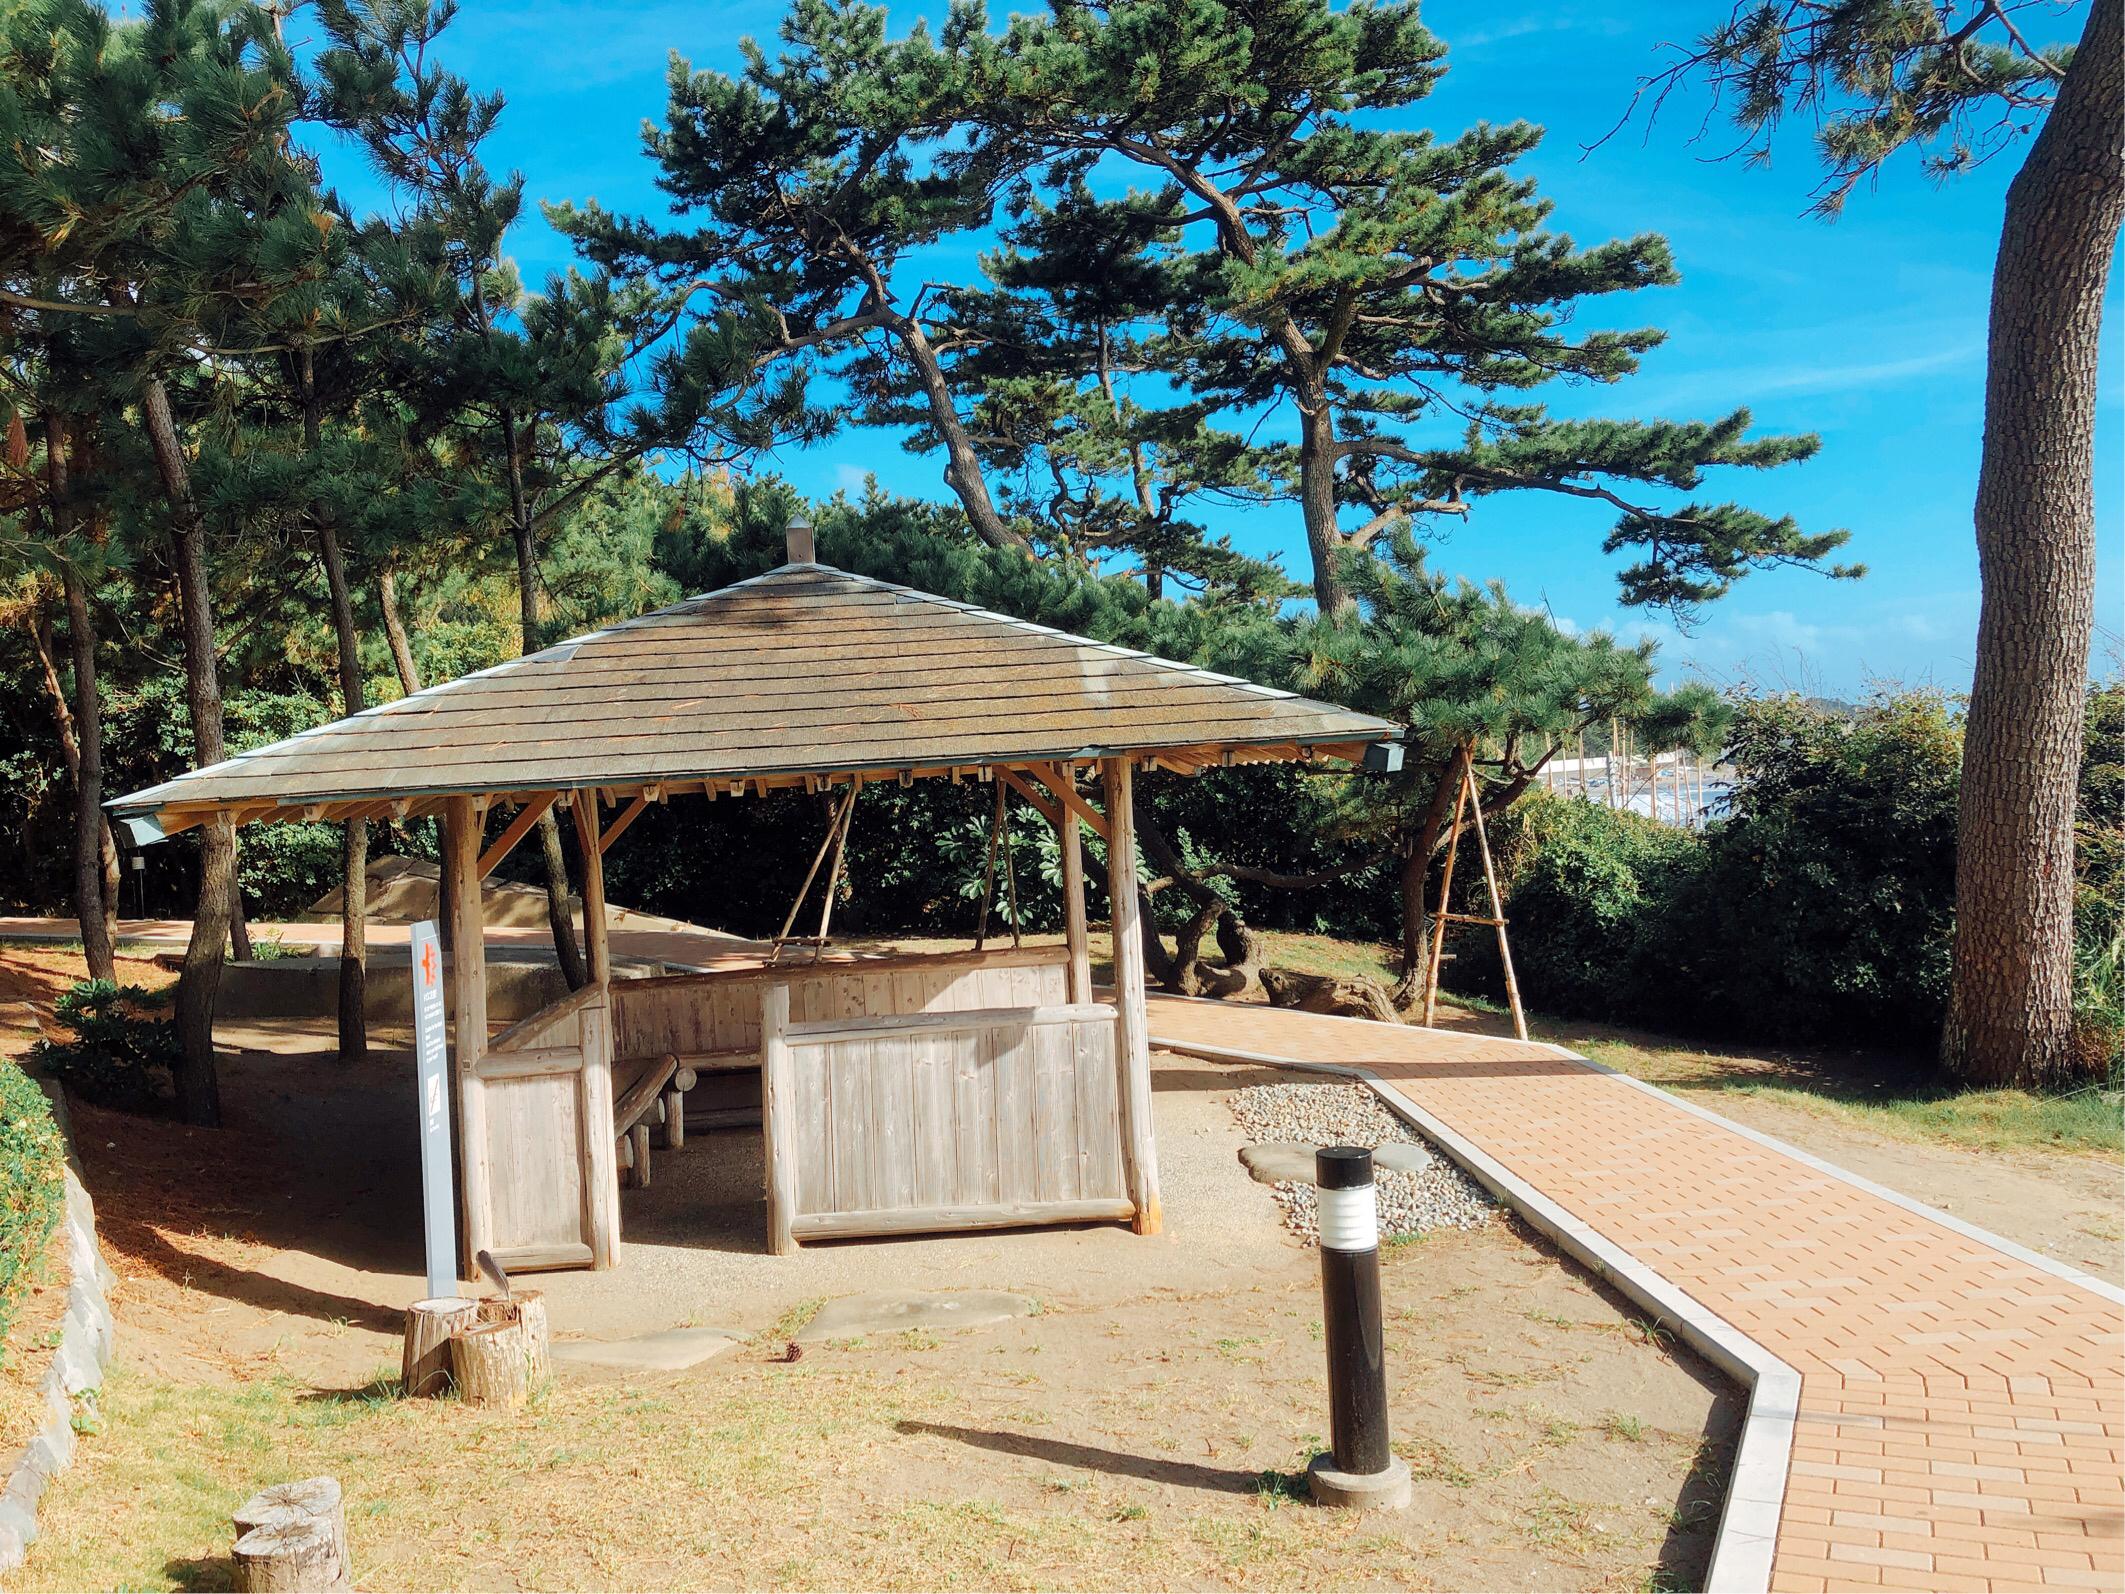 葉山美術館散策路にある東屋。こぢんまりとしているが、太陽の日差しを避けながら海を眺められる憩いの場。